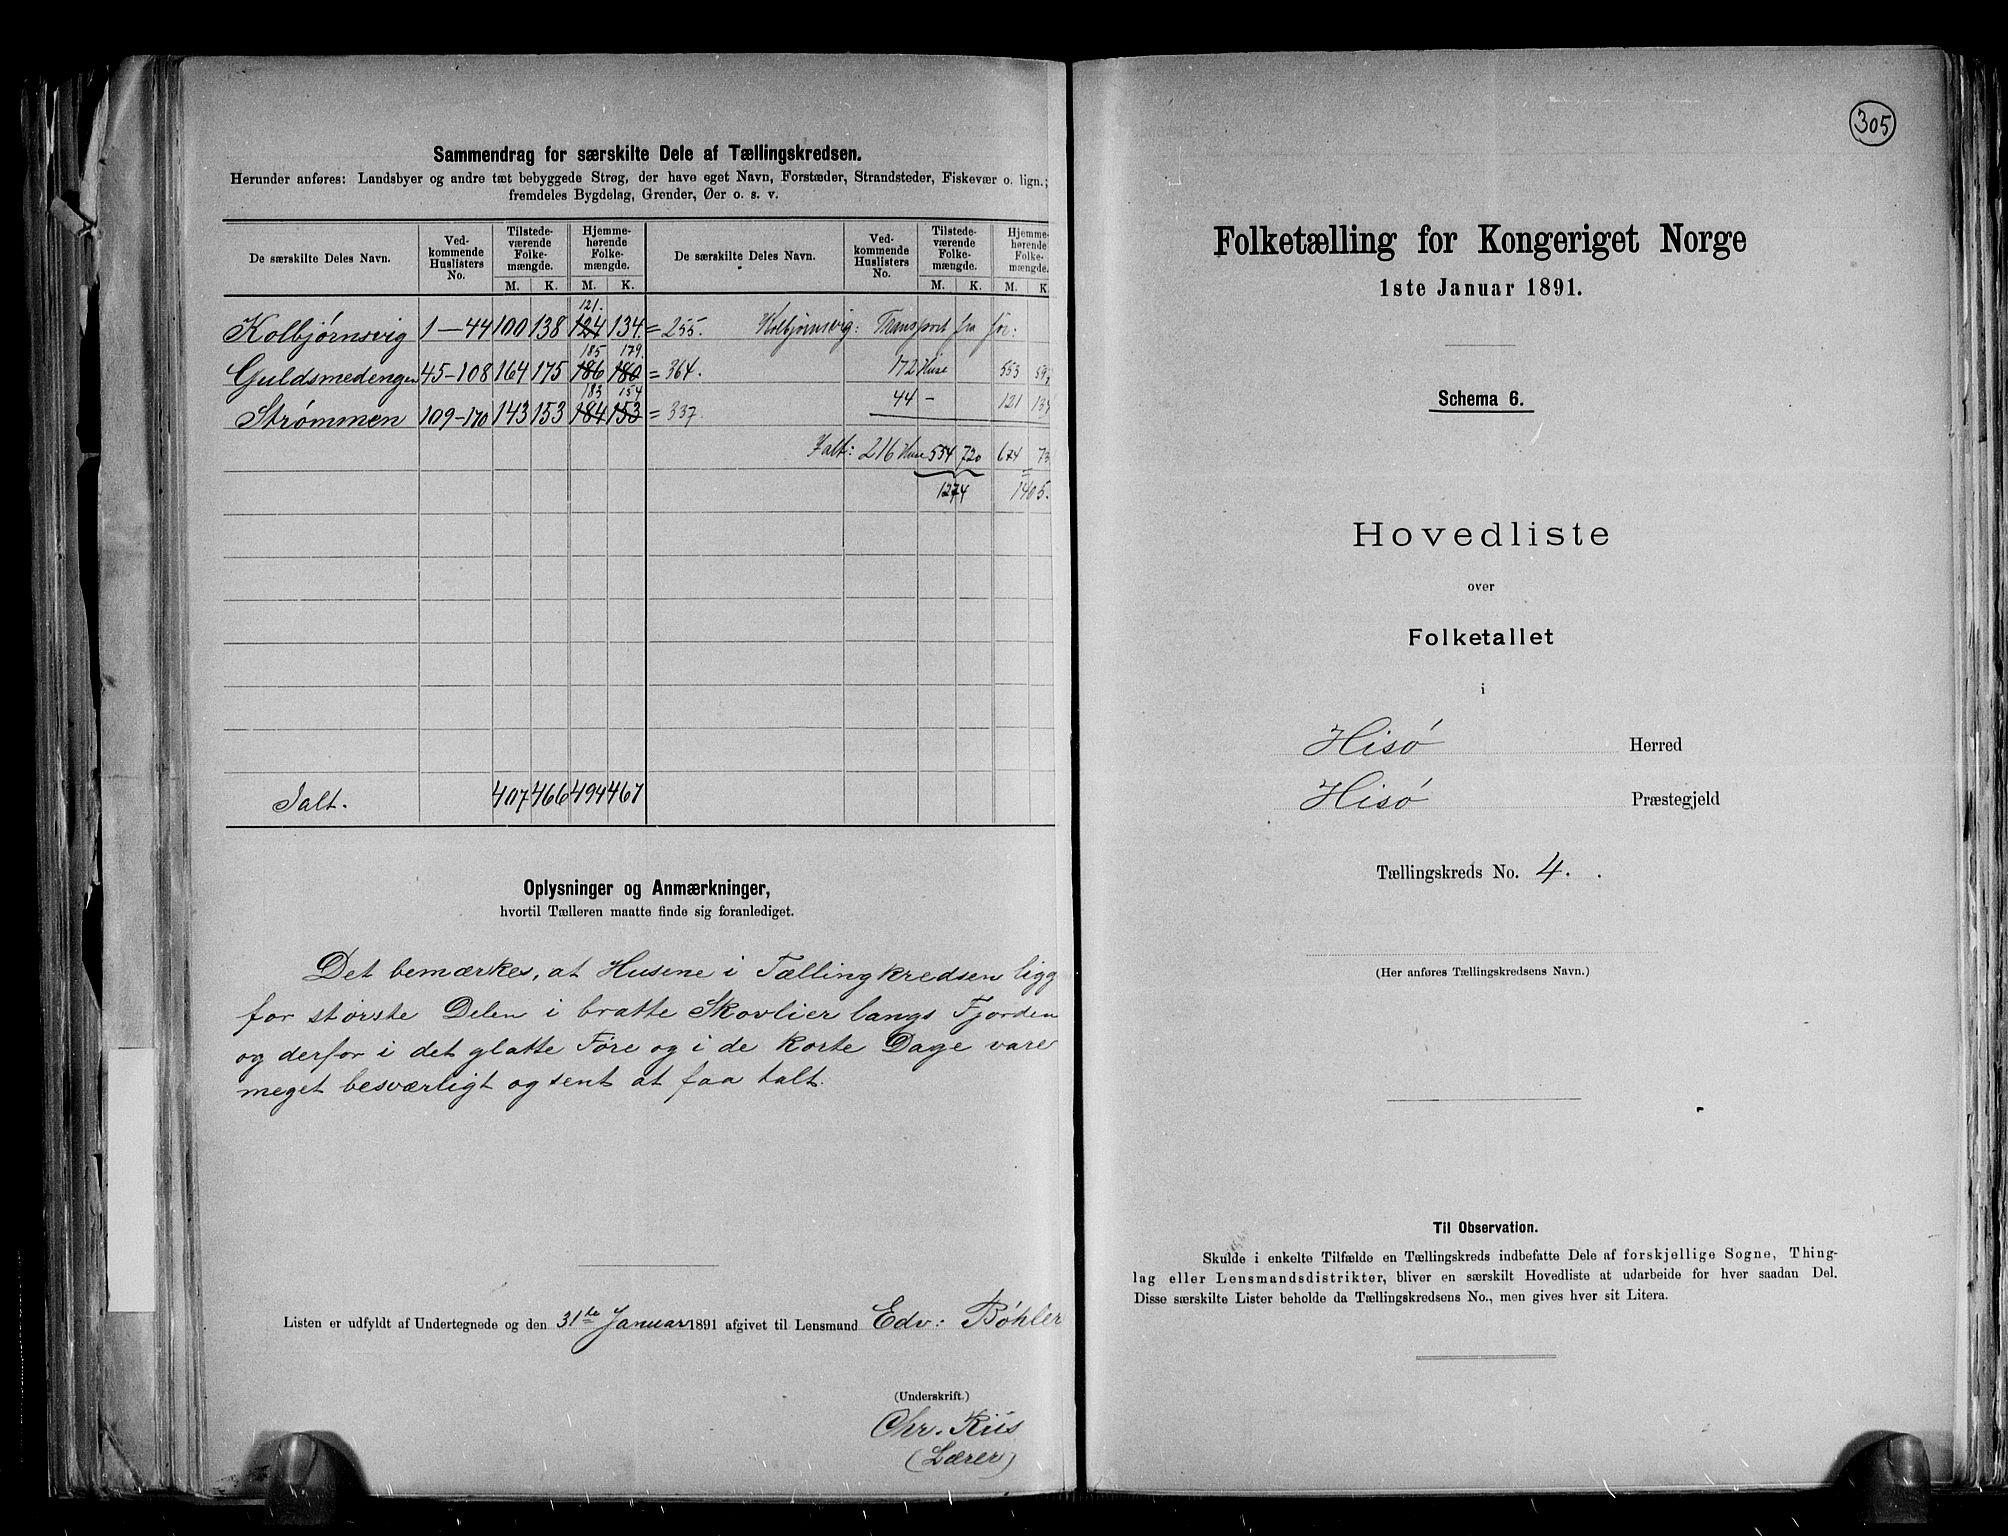 RA, Folketelling 1891 for 0922 Hisøy herred, 1891, s. 16